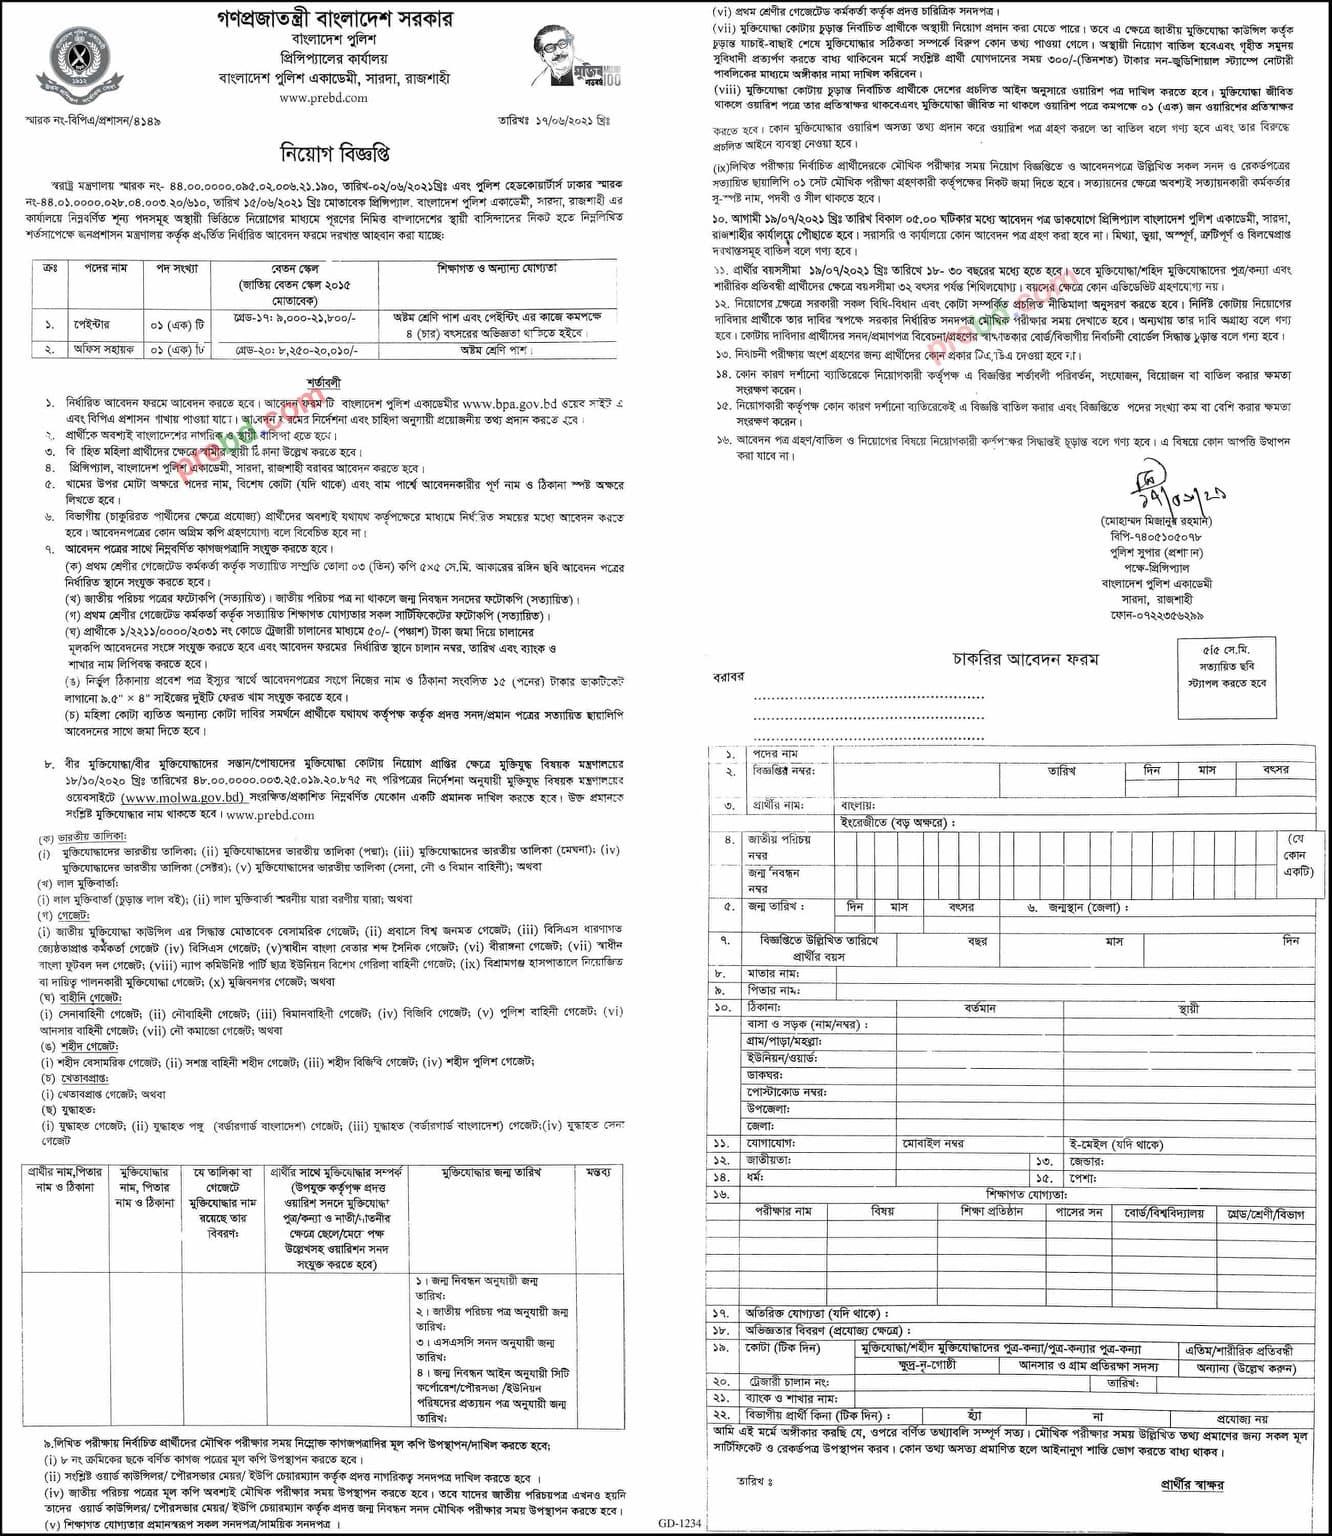 বাংলাদেশ পুলিশ একাডেমী সারদা, রাজশাহীতে বিভিন্ন পদে নিয়োগ বিজ্ঞপ্তি